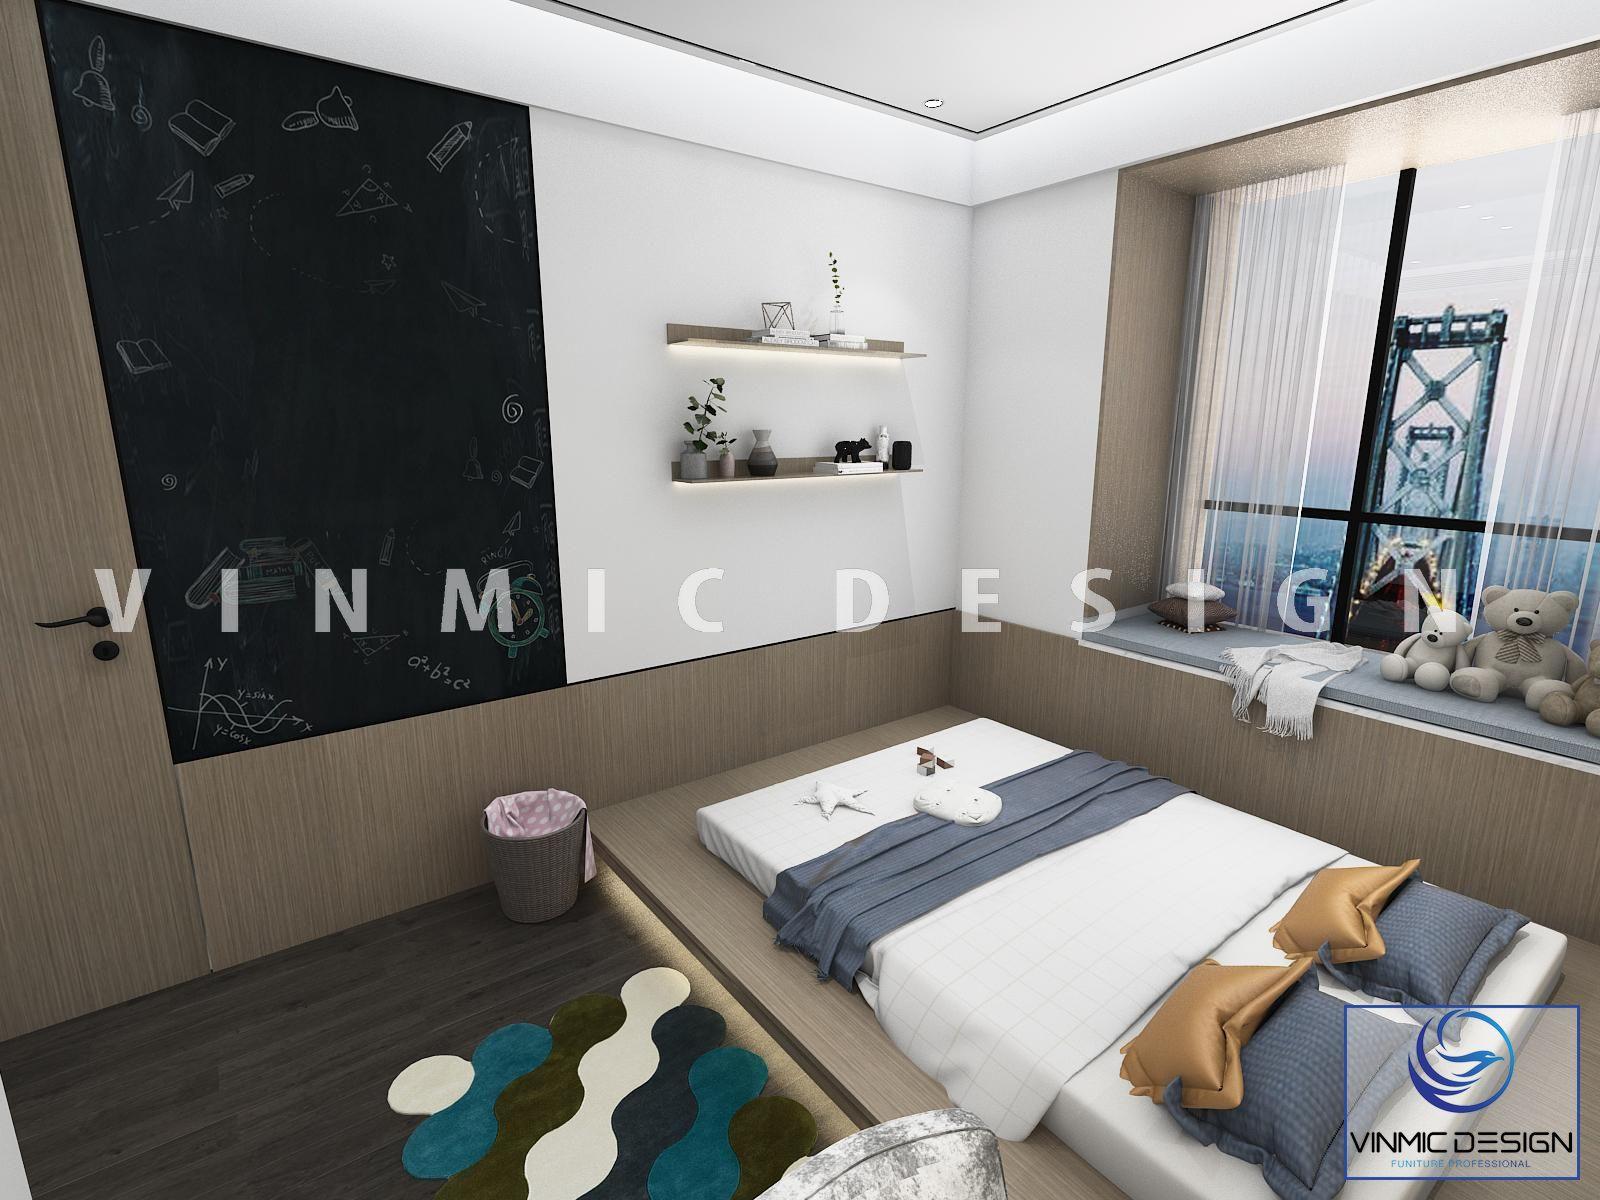 Thiết kế nội thất phòng ngủ hiện đại, tối giản diện tích